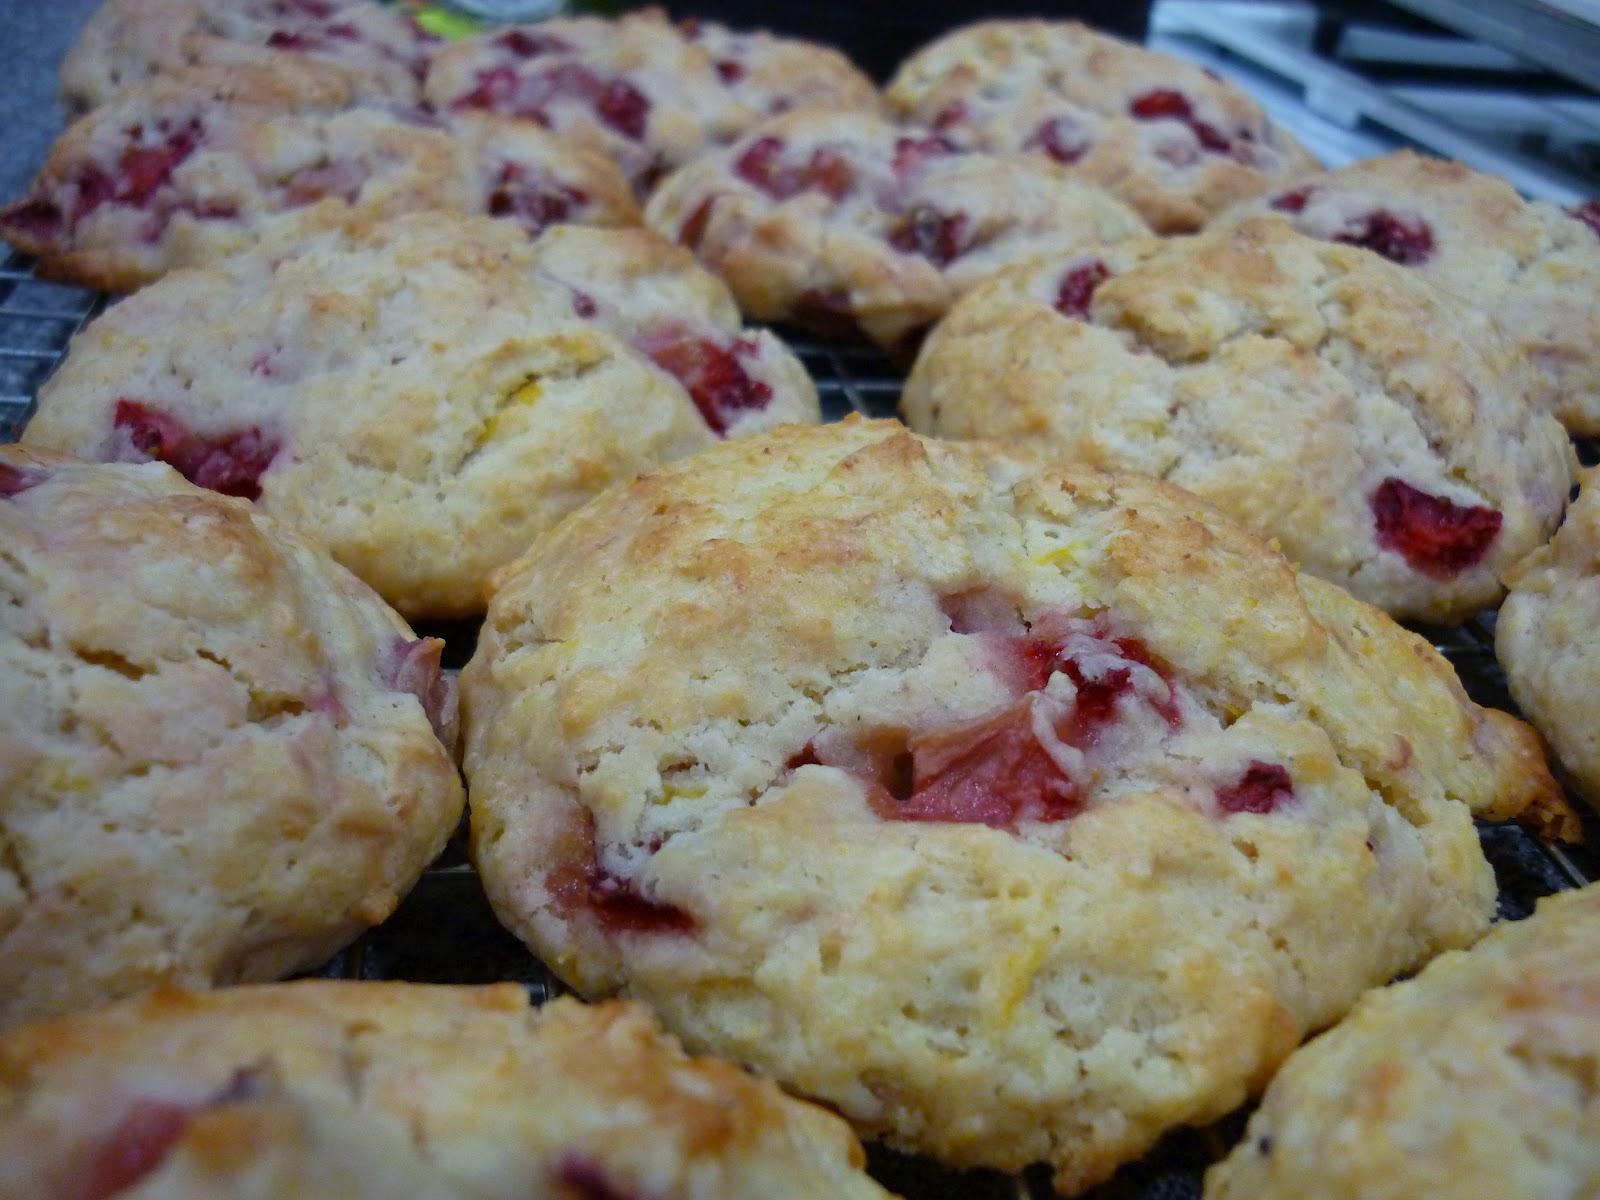 The Nerdy Chef: Strawberry Ricotta Scones